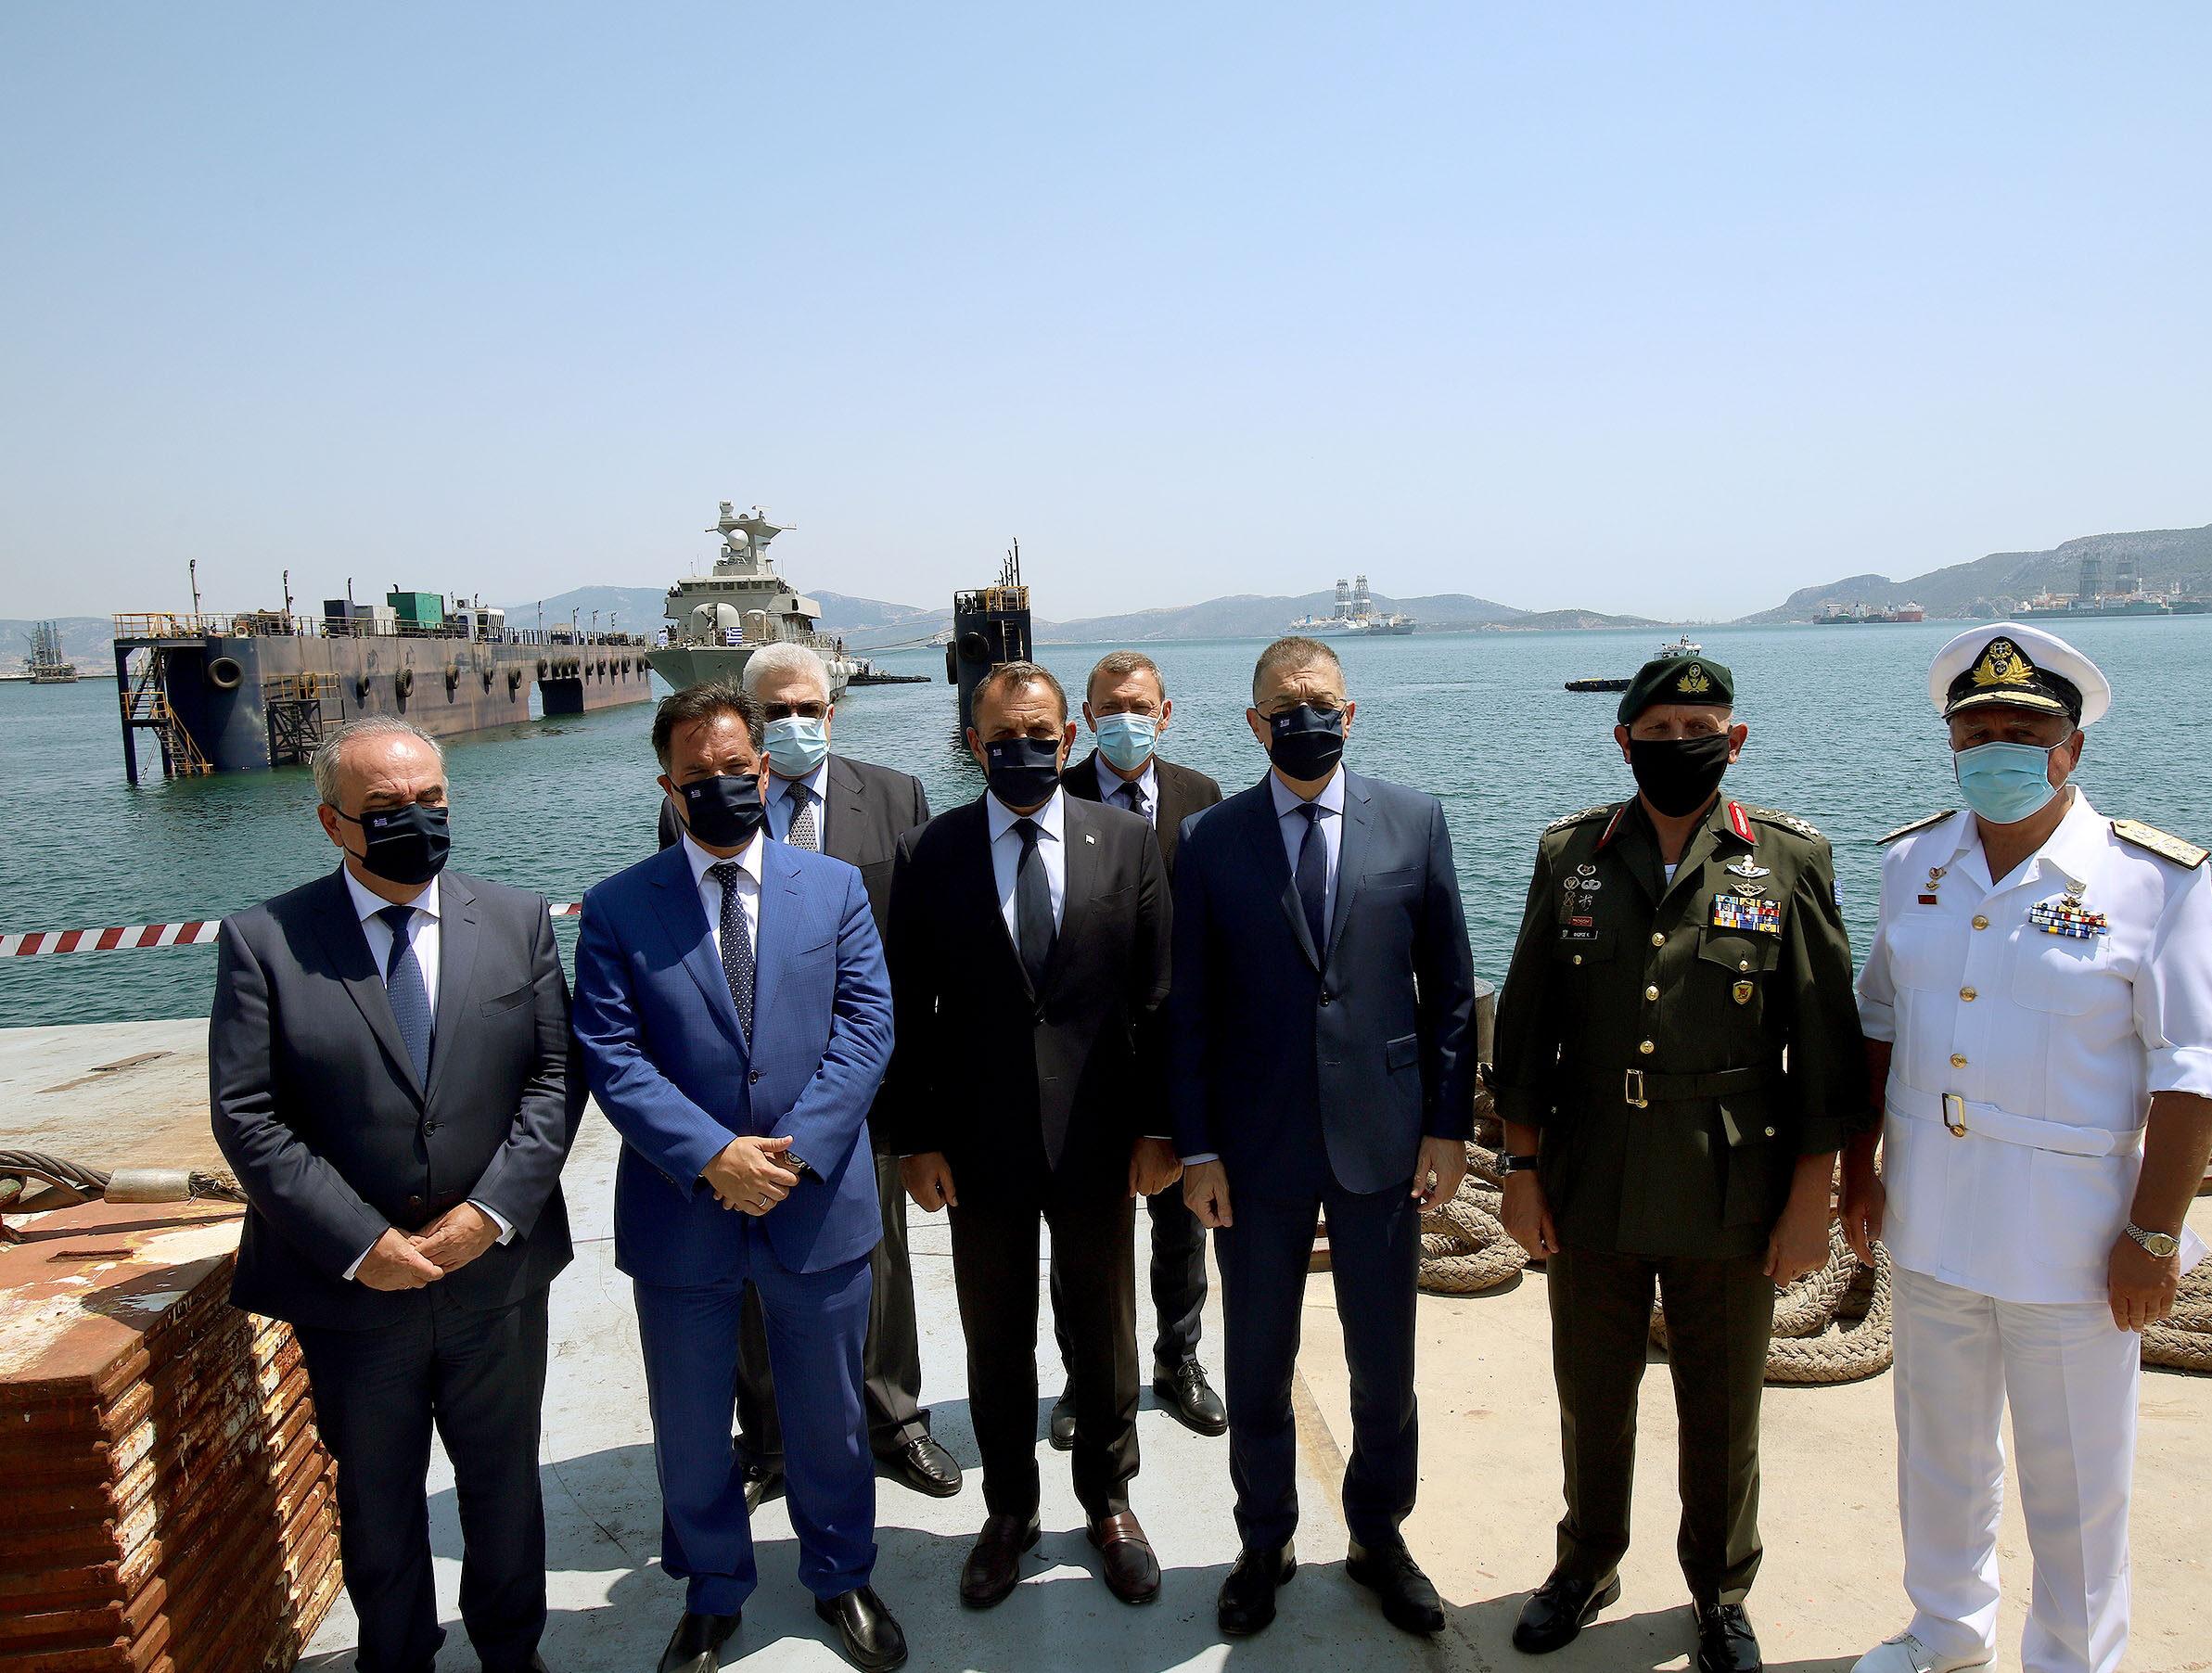 Τελετή καθέλκυσης της ΤΠΚ «7» του Πολεμικού Ναυτικού στις εγκαταστάσεις των «Ναυπηγείων Ελευσίνος»